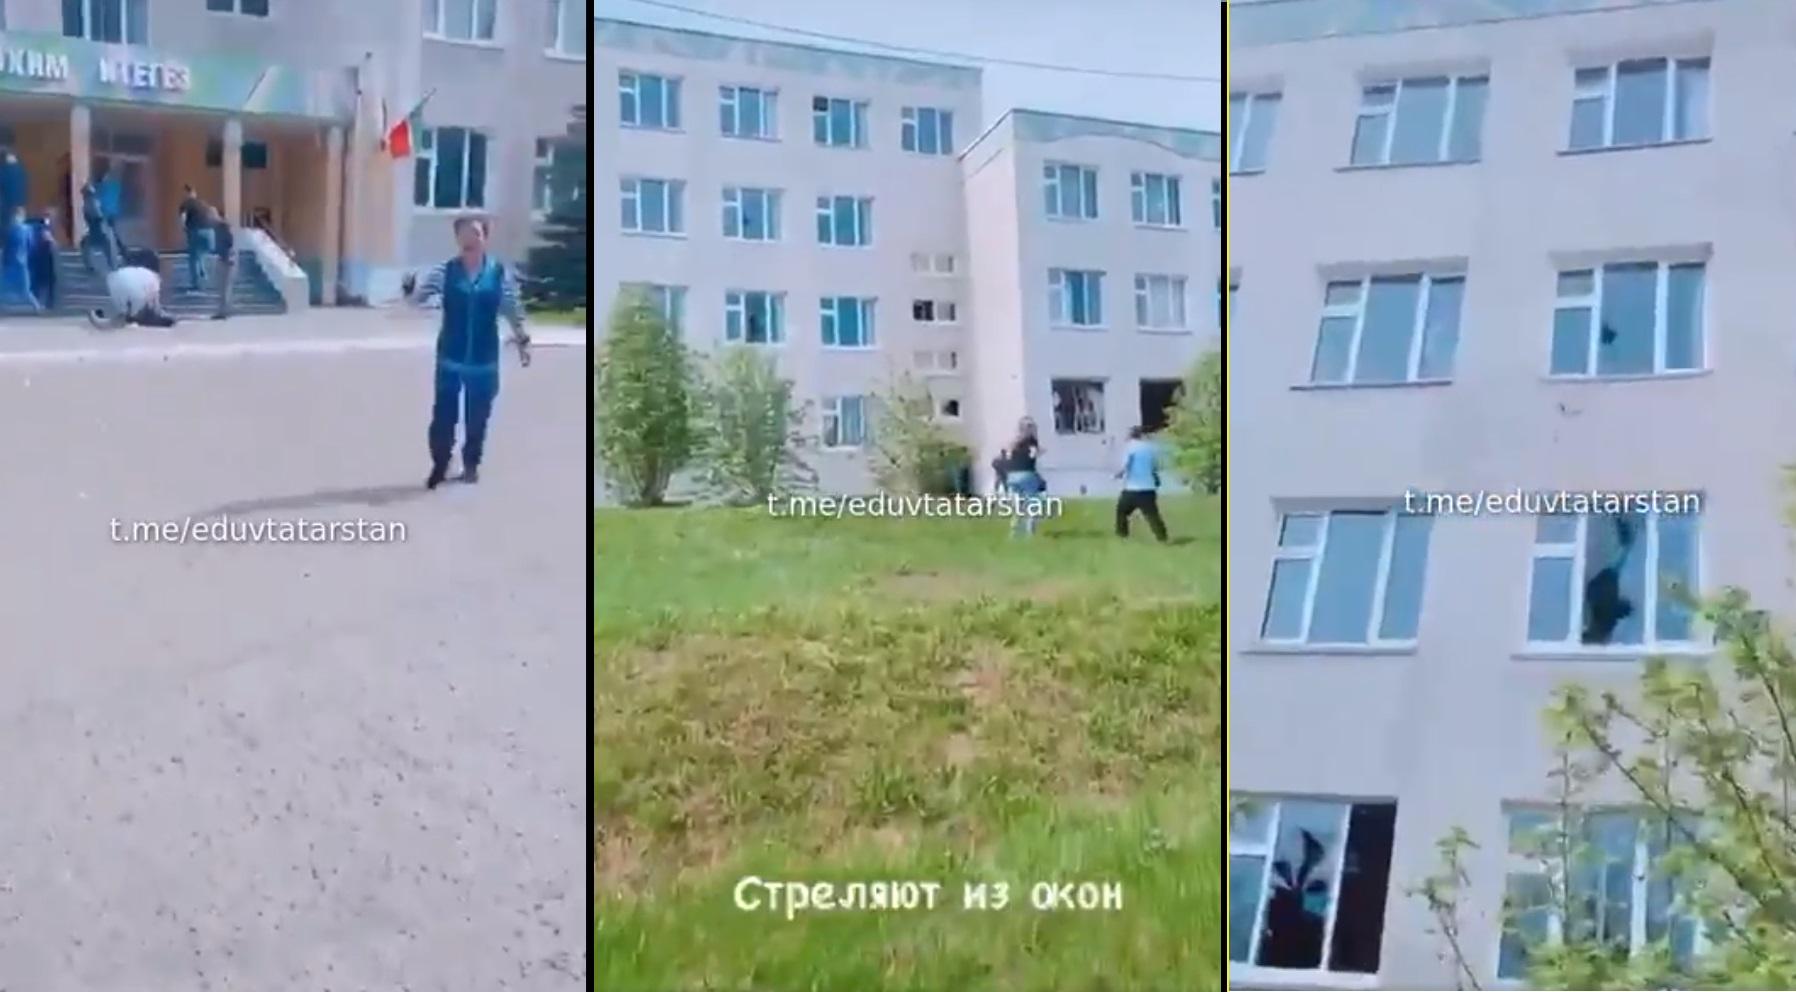 Strzelanina w szkole w Kazaniu w Rosji, jak donoszą media, napastnik otworzył ogień, zginęło 11 osób głównie dzieci.